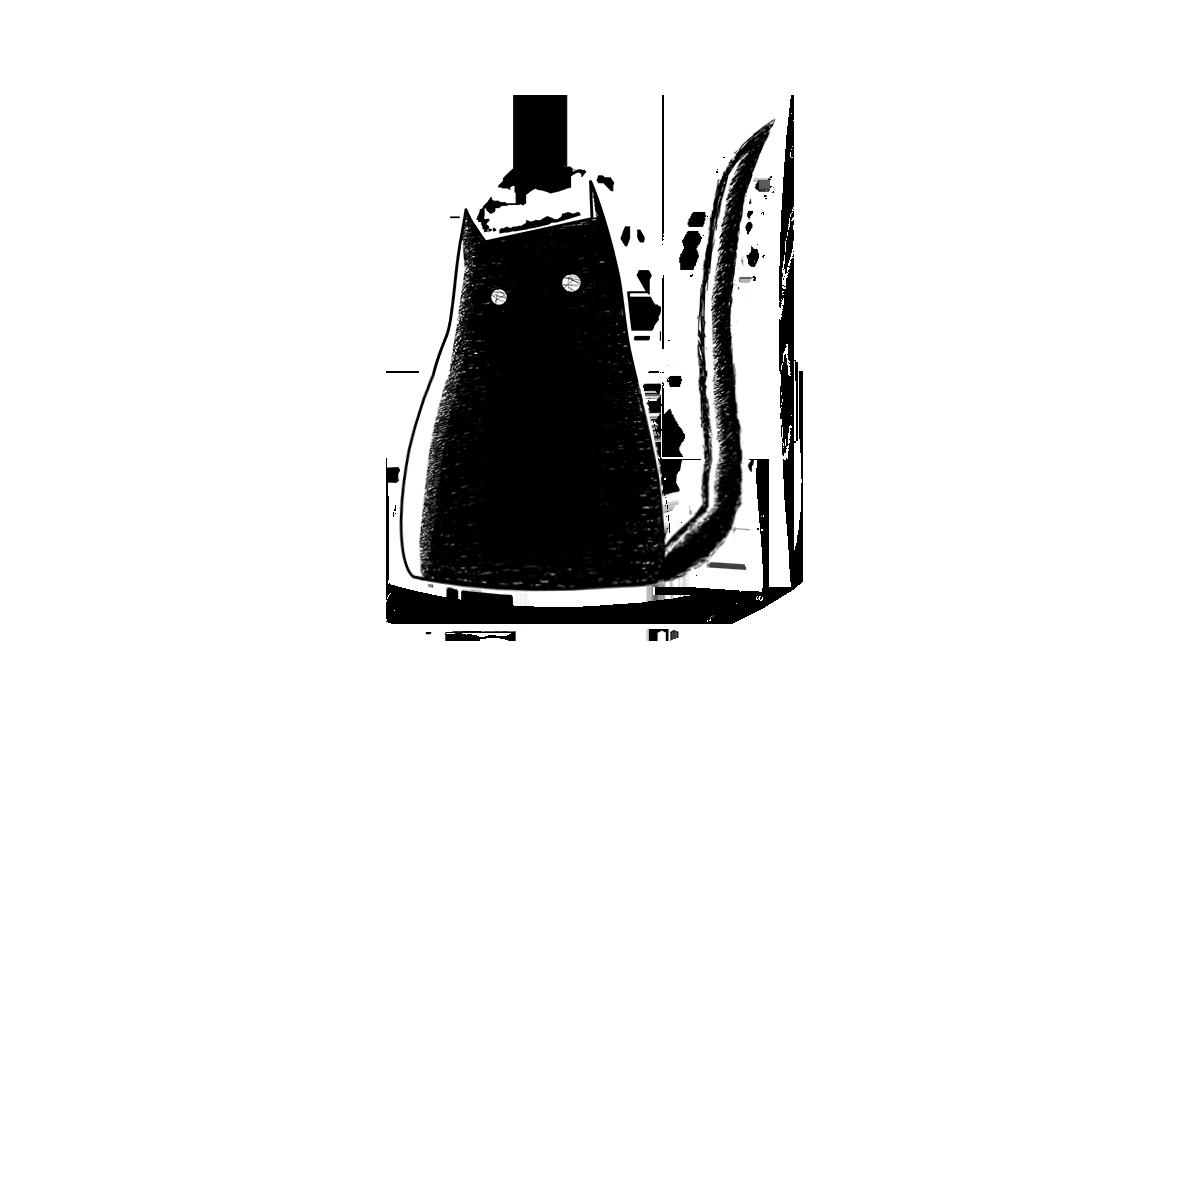 THE BLAQ CAT